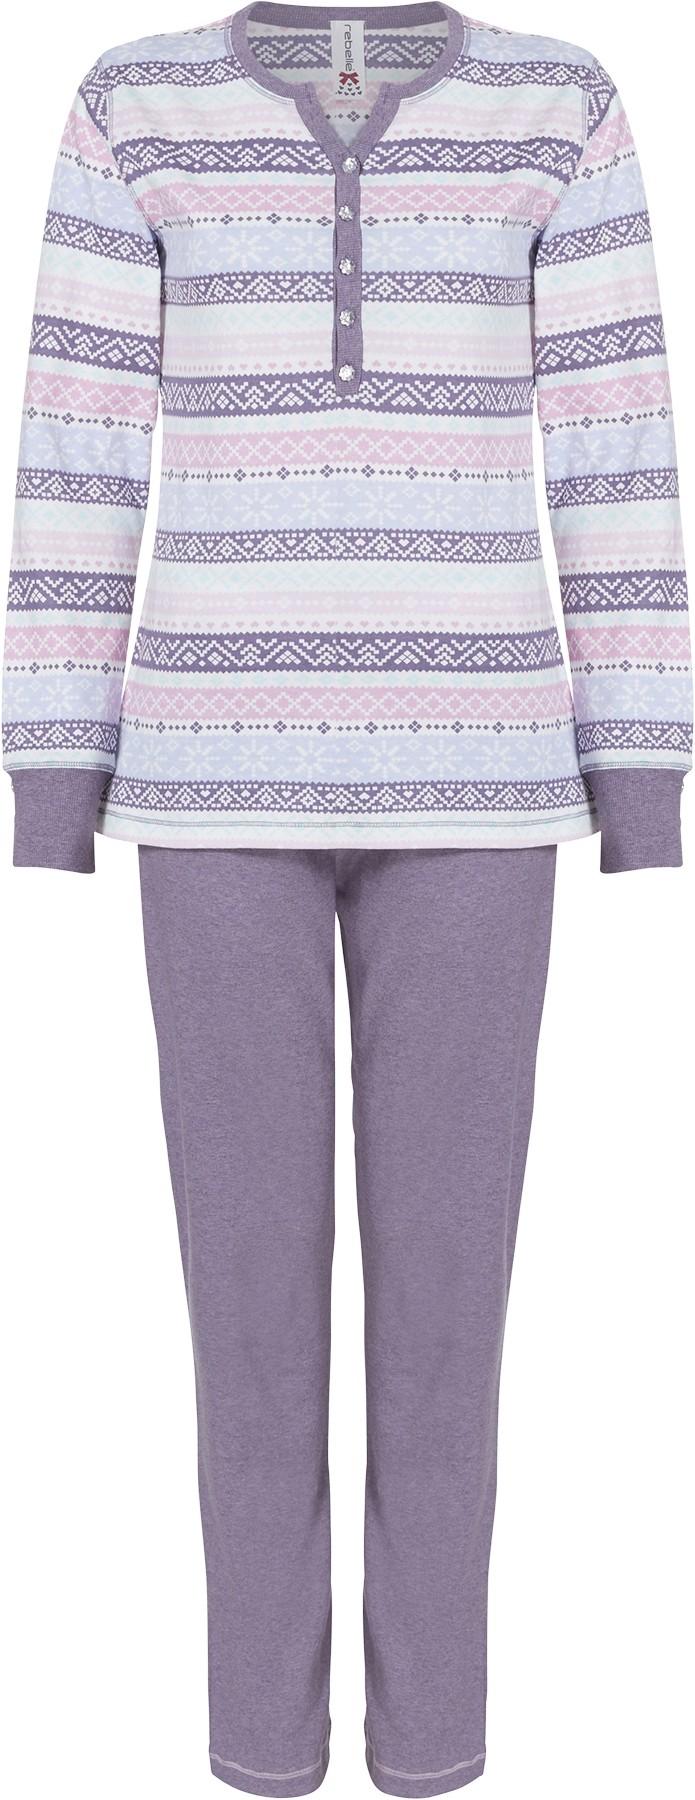 Van Van Gemert Ondermode Dames pyjama Rebelle 2172-210-2-36 Prijsvergelijk nu!